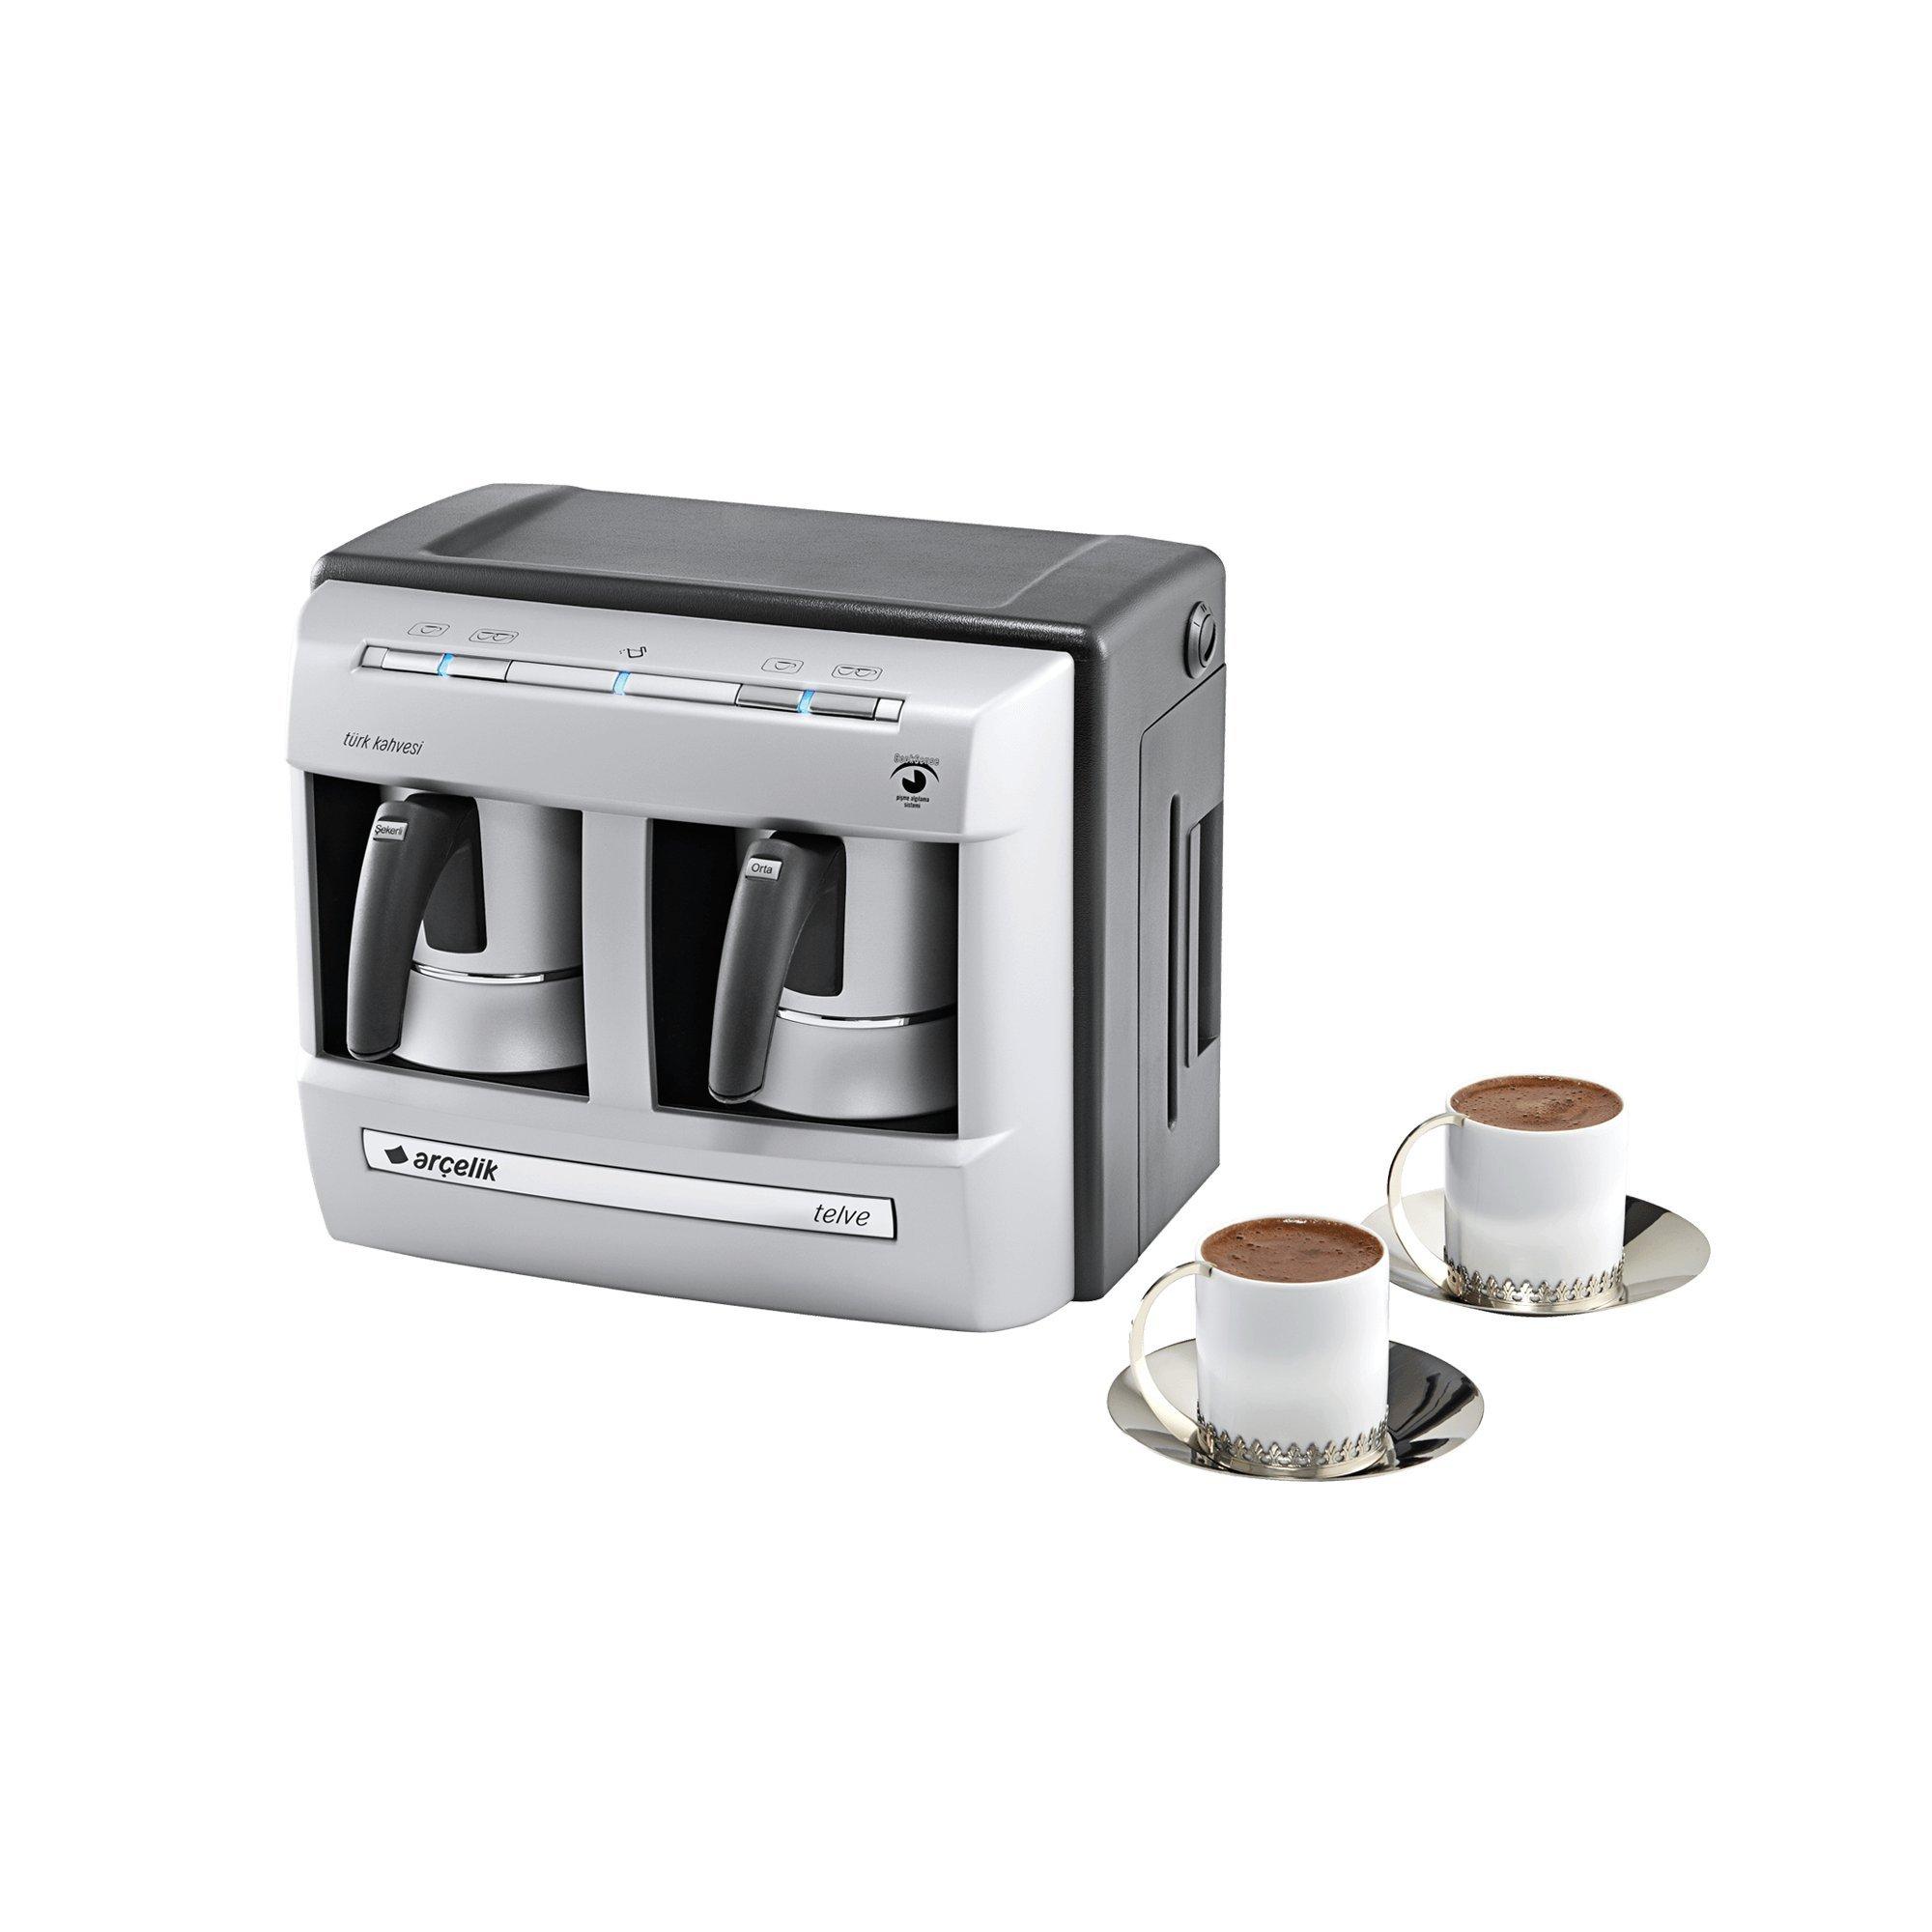 Turkish Coffee Maker - Arcelik K3190 p (220 Volt Only.in U.s. You Have to Use Voltage Regulator) by Arcelik (Image #1)